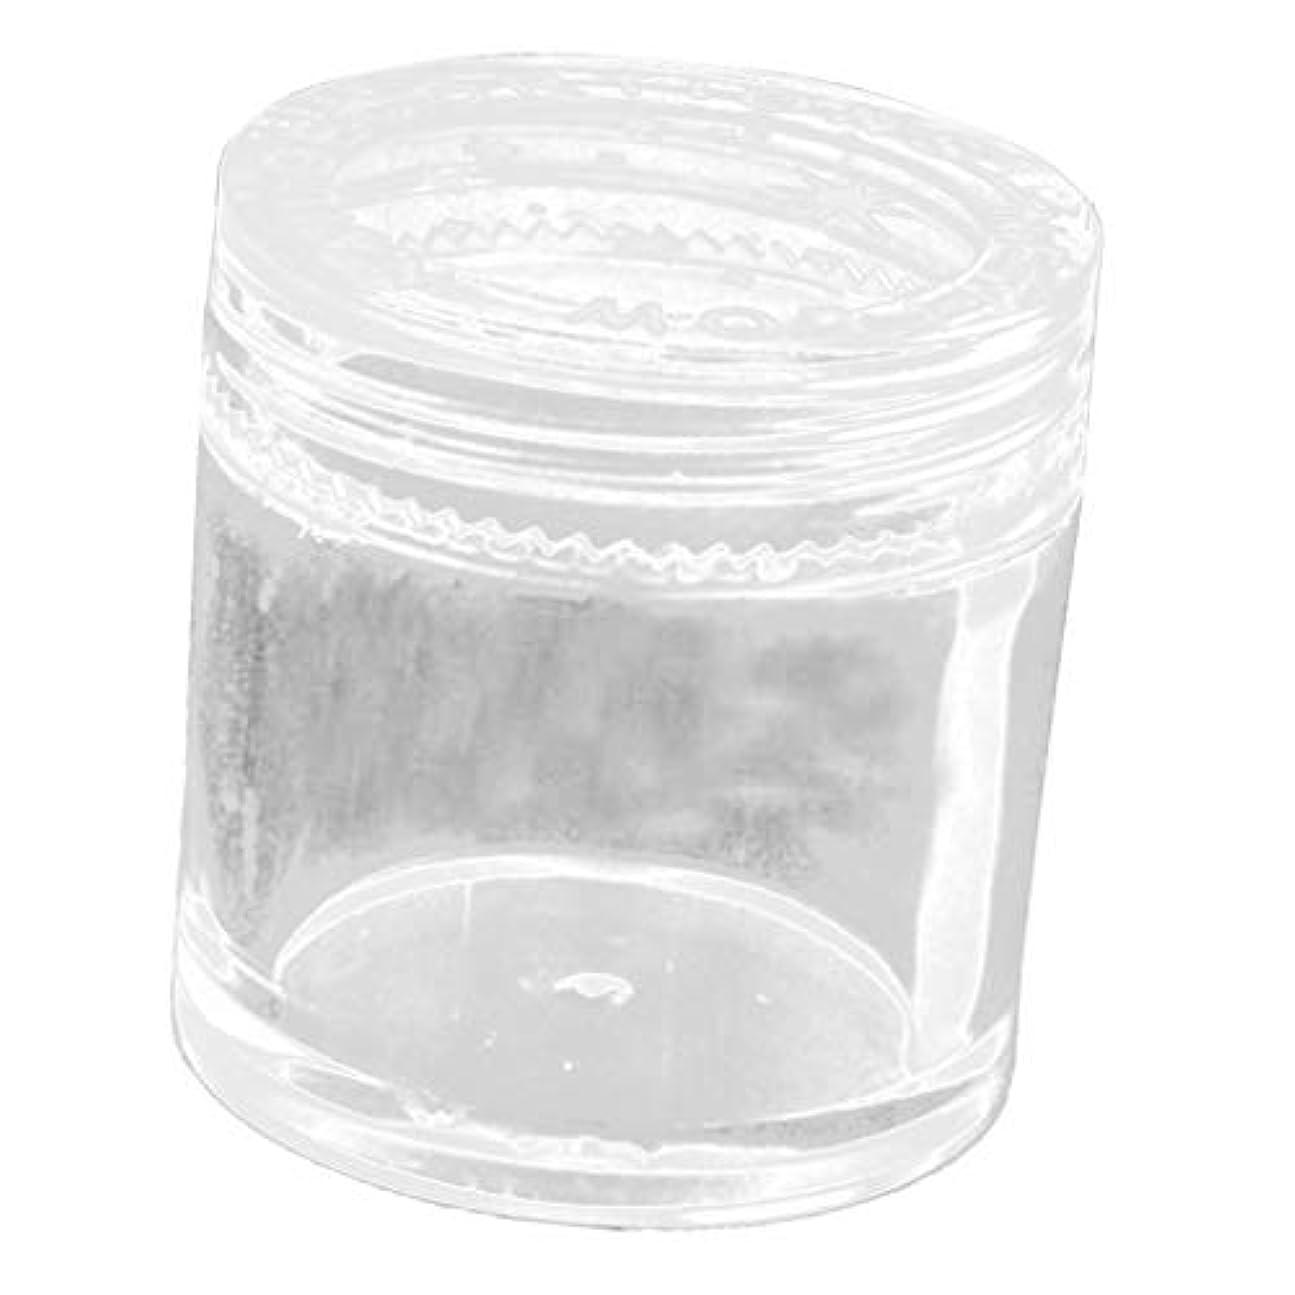 不満グラディス構想するDYNWAVE ネイルアートケース ジュエリーボックス 小物入れ 収納瓶 工芸品 ビーズ 宝石 収納ボックス 透明